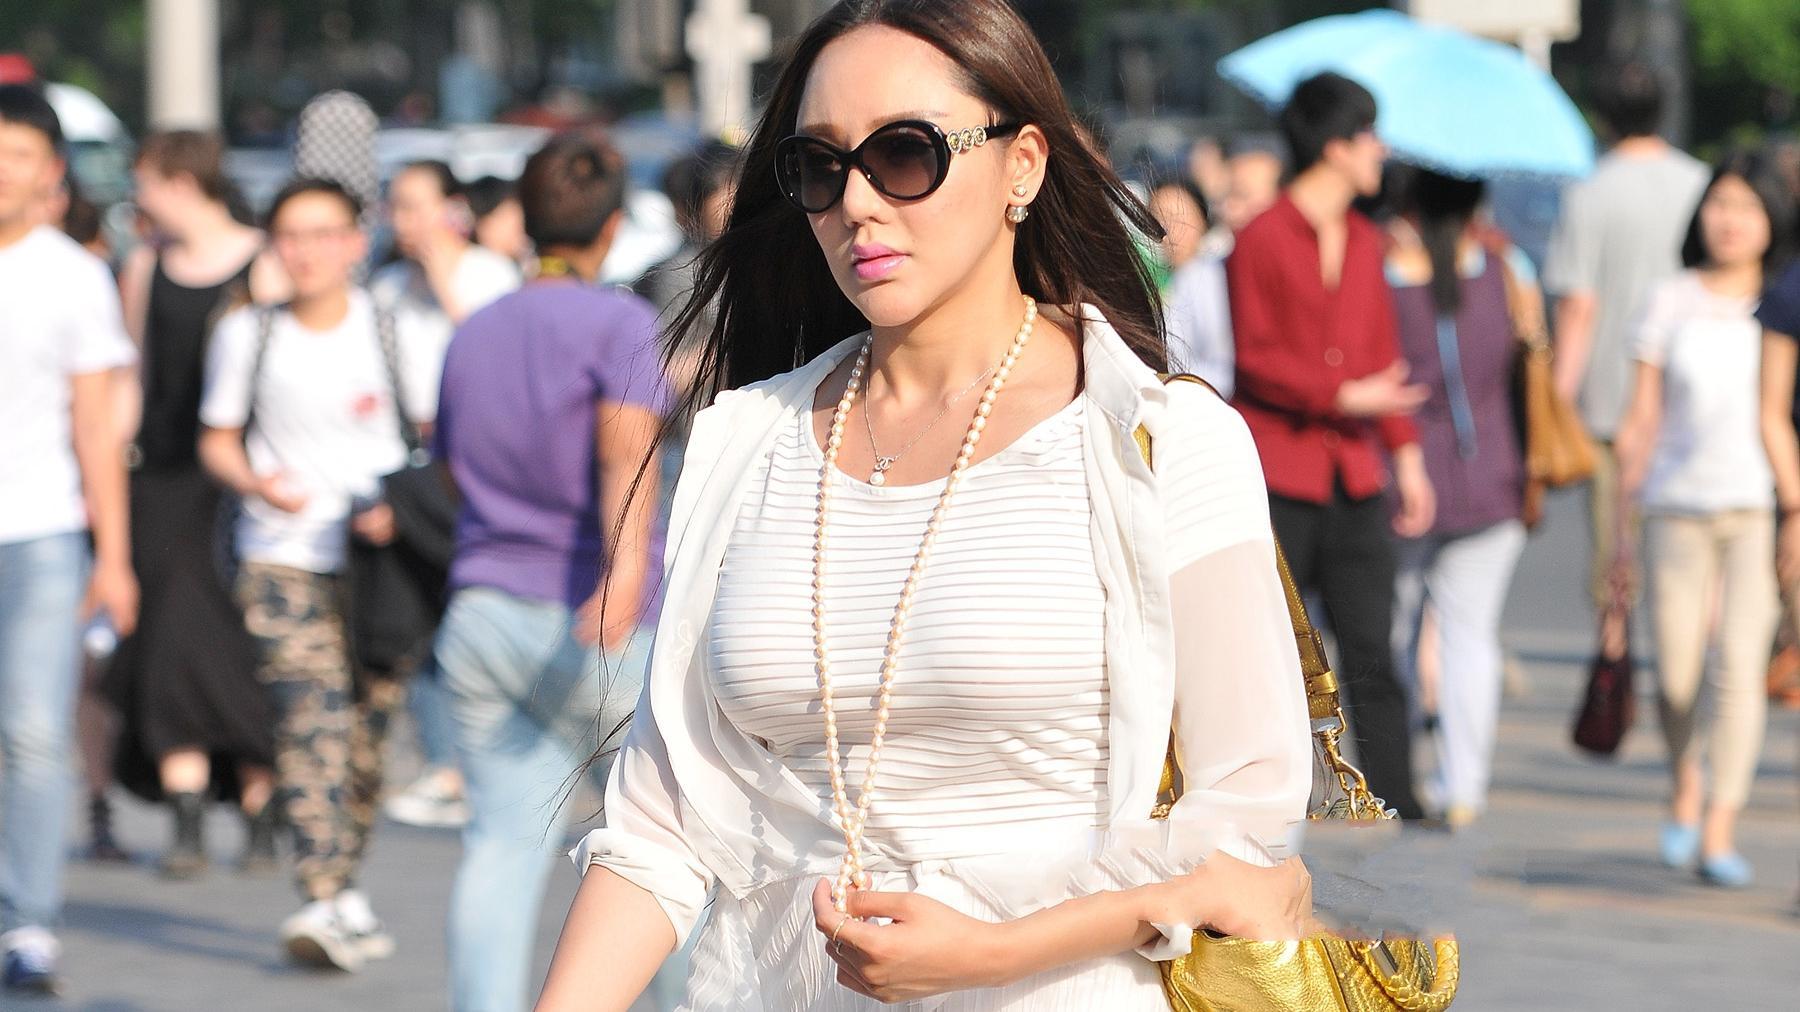 白色裙装三件套搭配柠檬黄背包,尽显大气女神风采